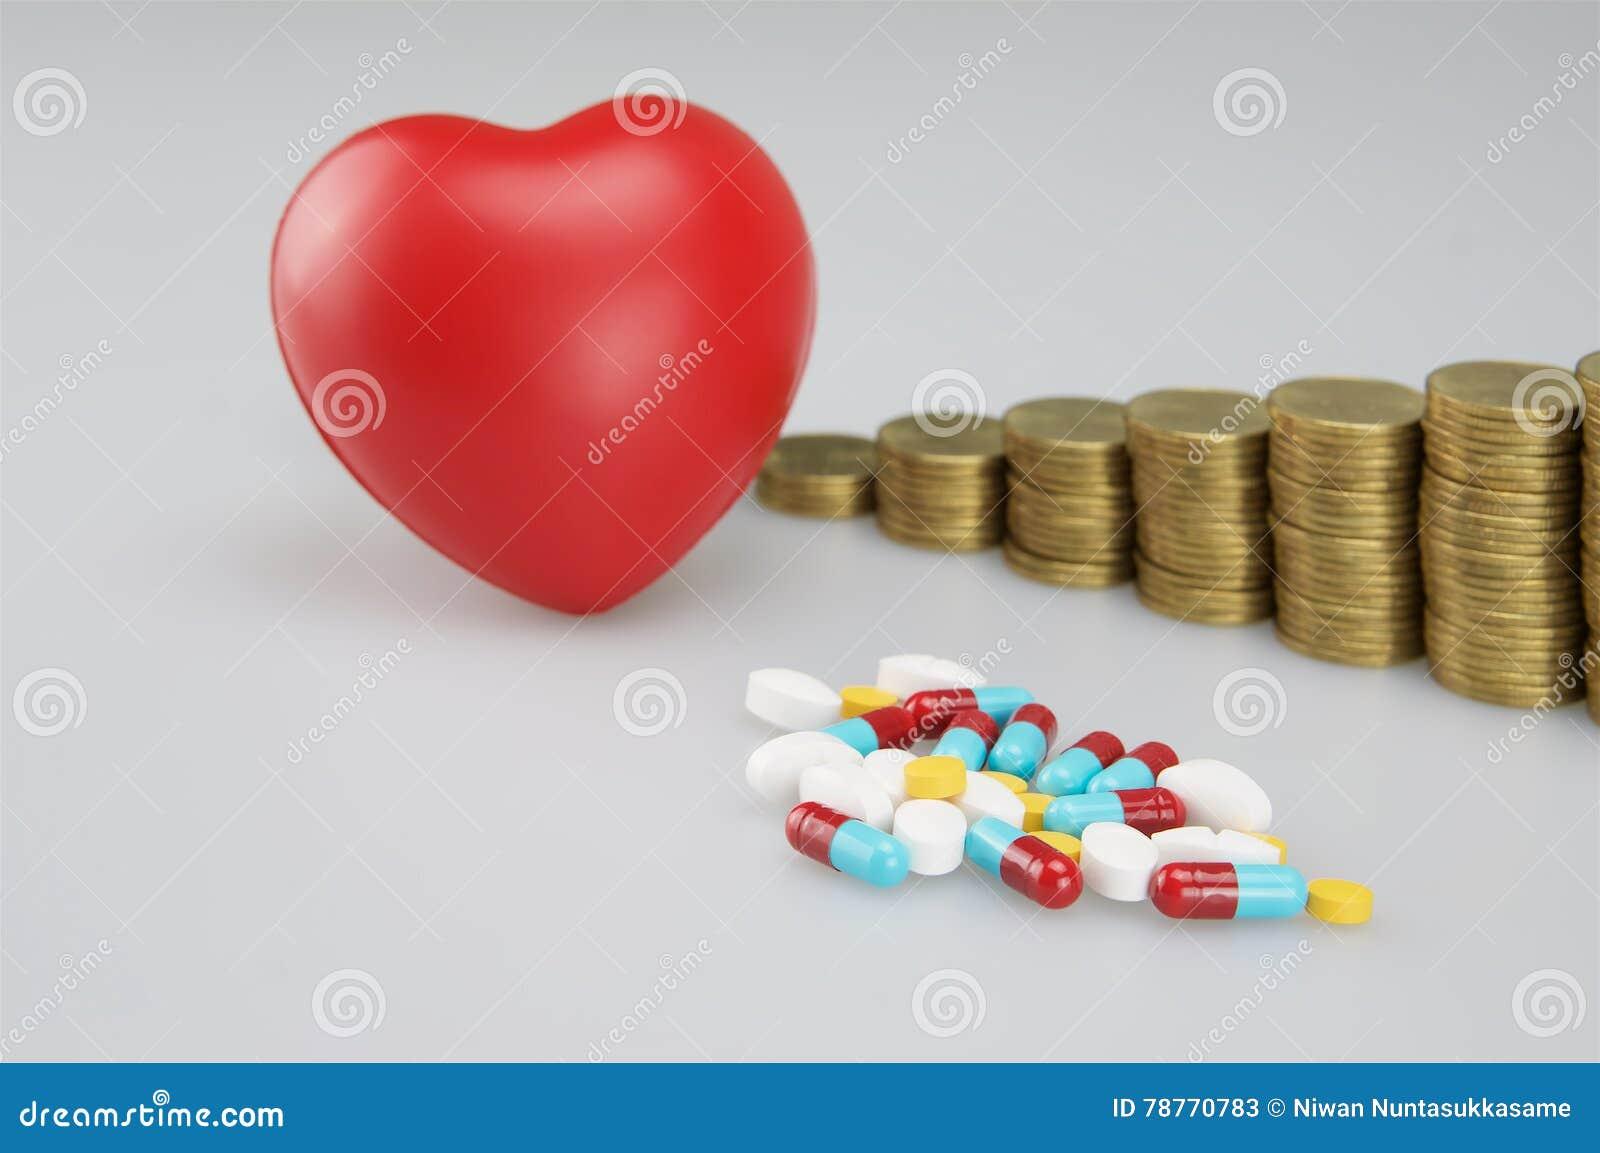 Pila de medicina y de corazón rojo con las monedas de oro